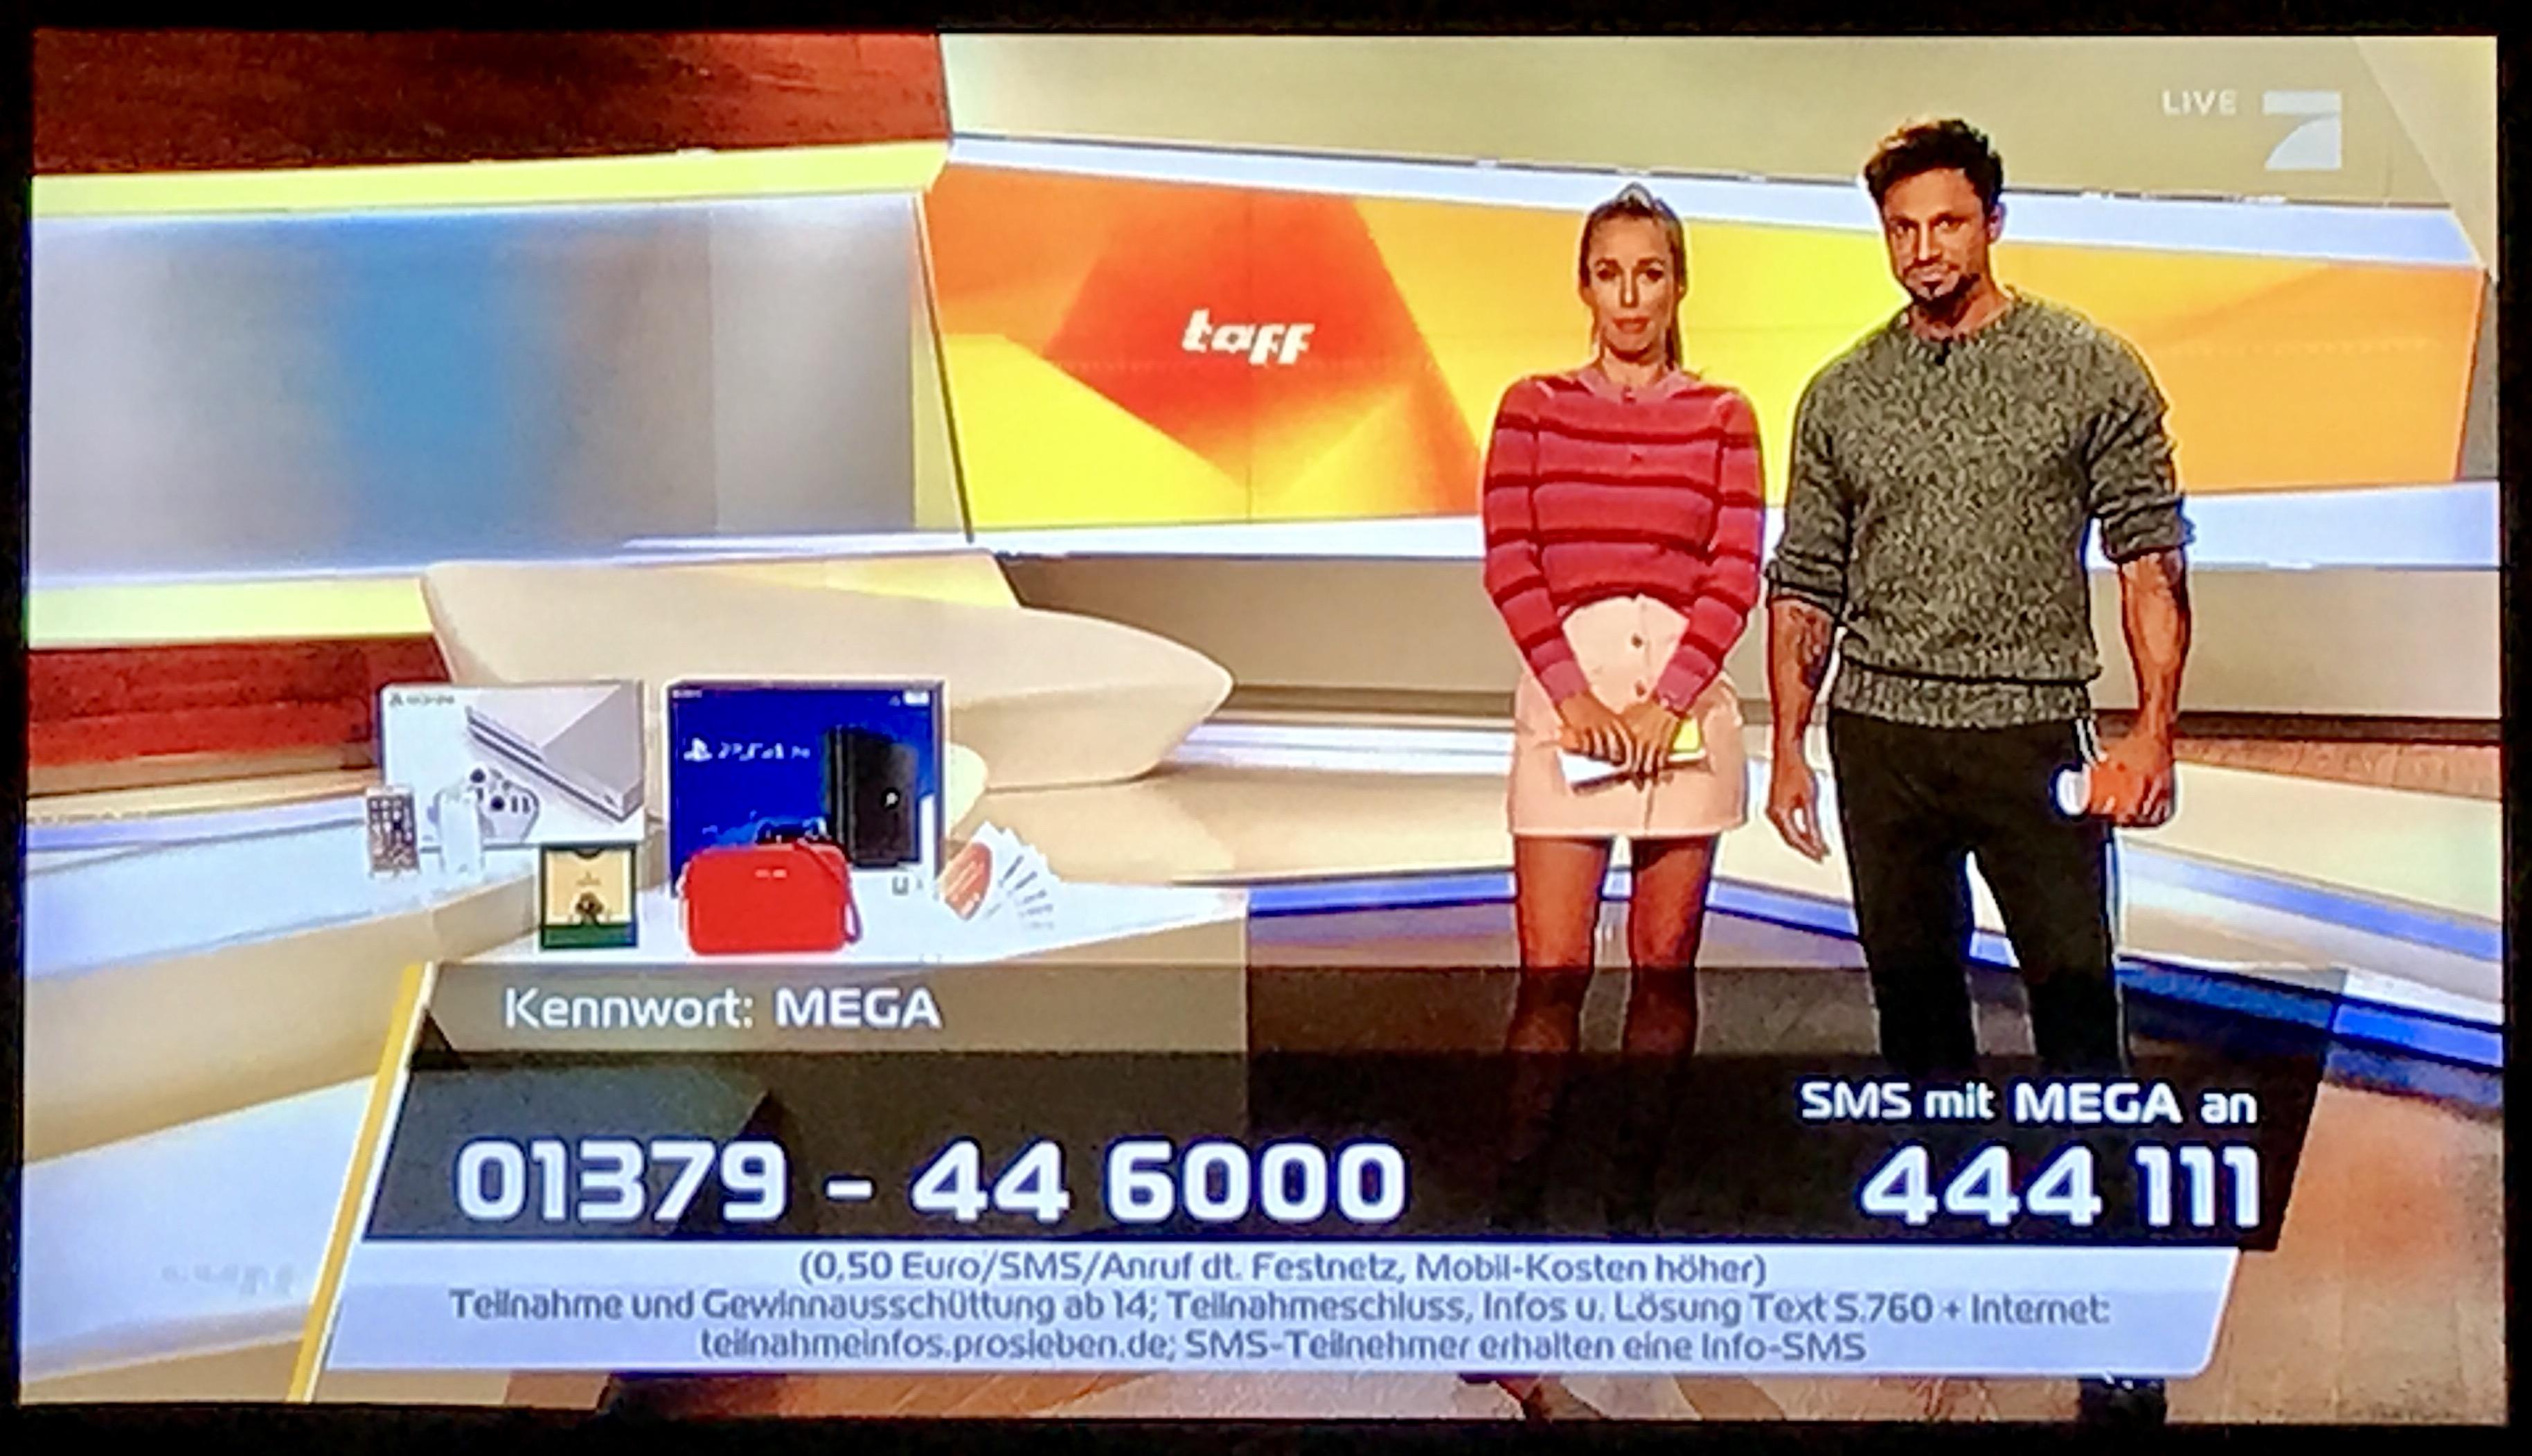 tv gewinnspiel während der sendung schickt man die sms